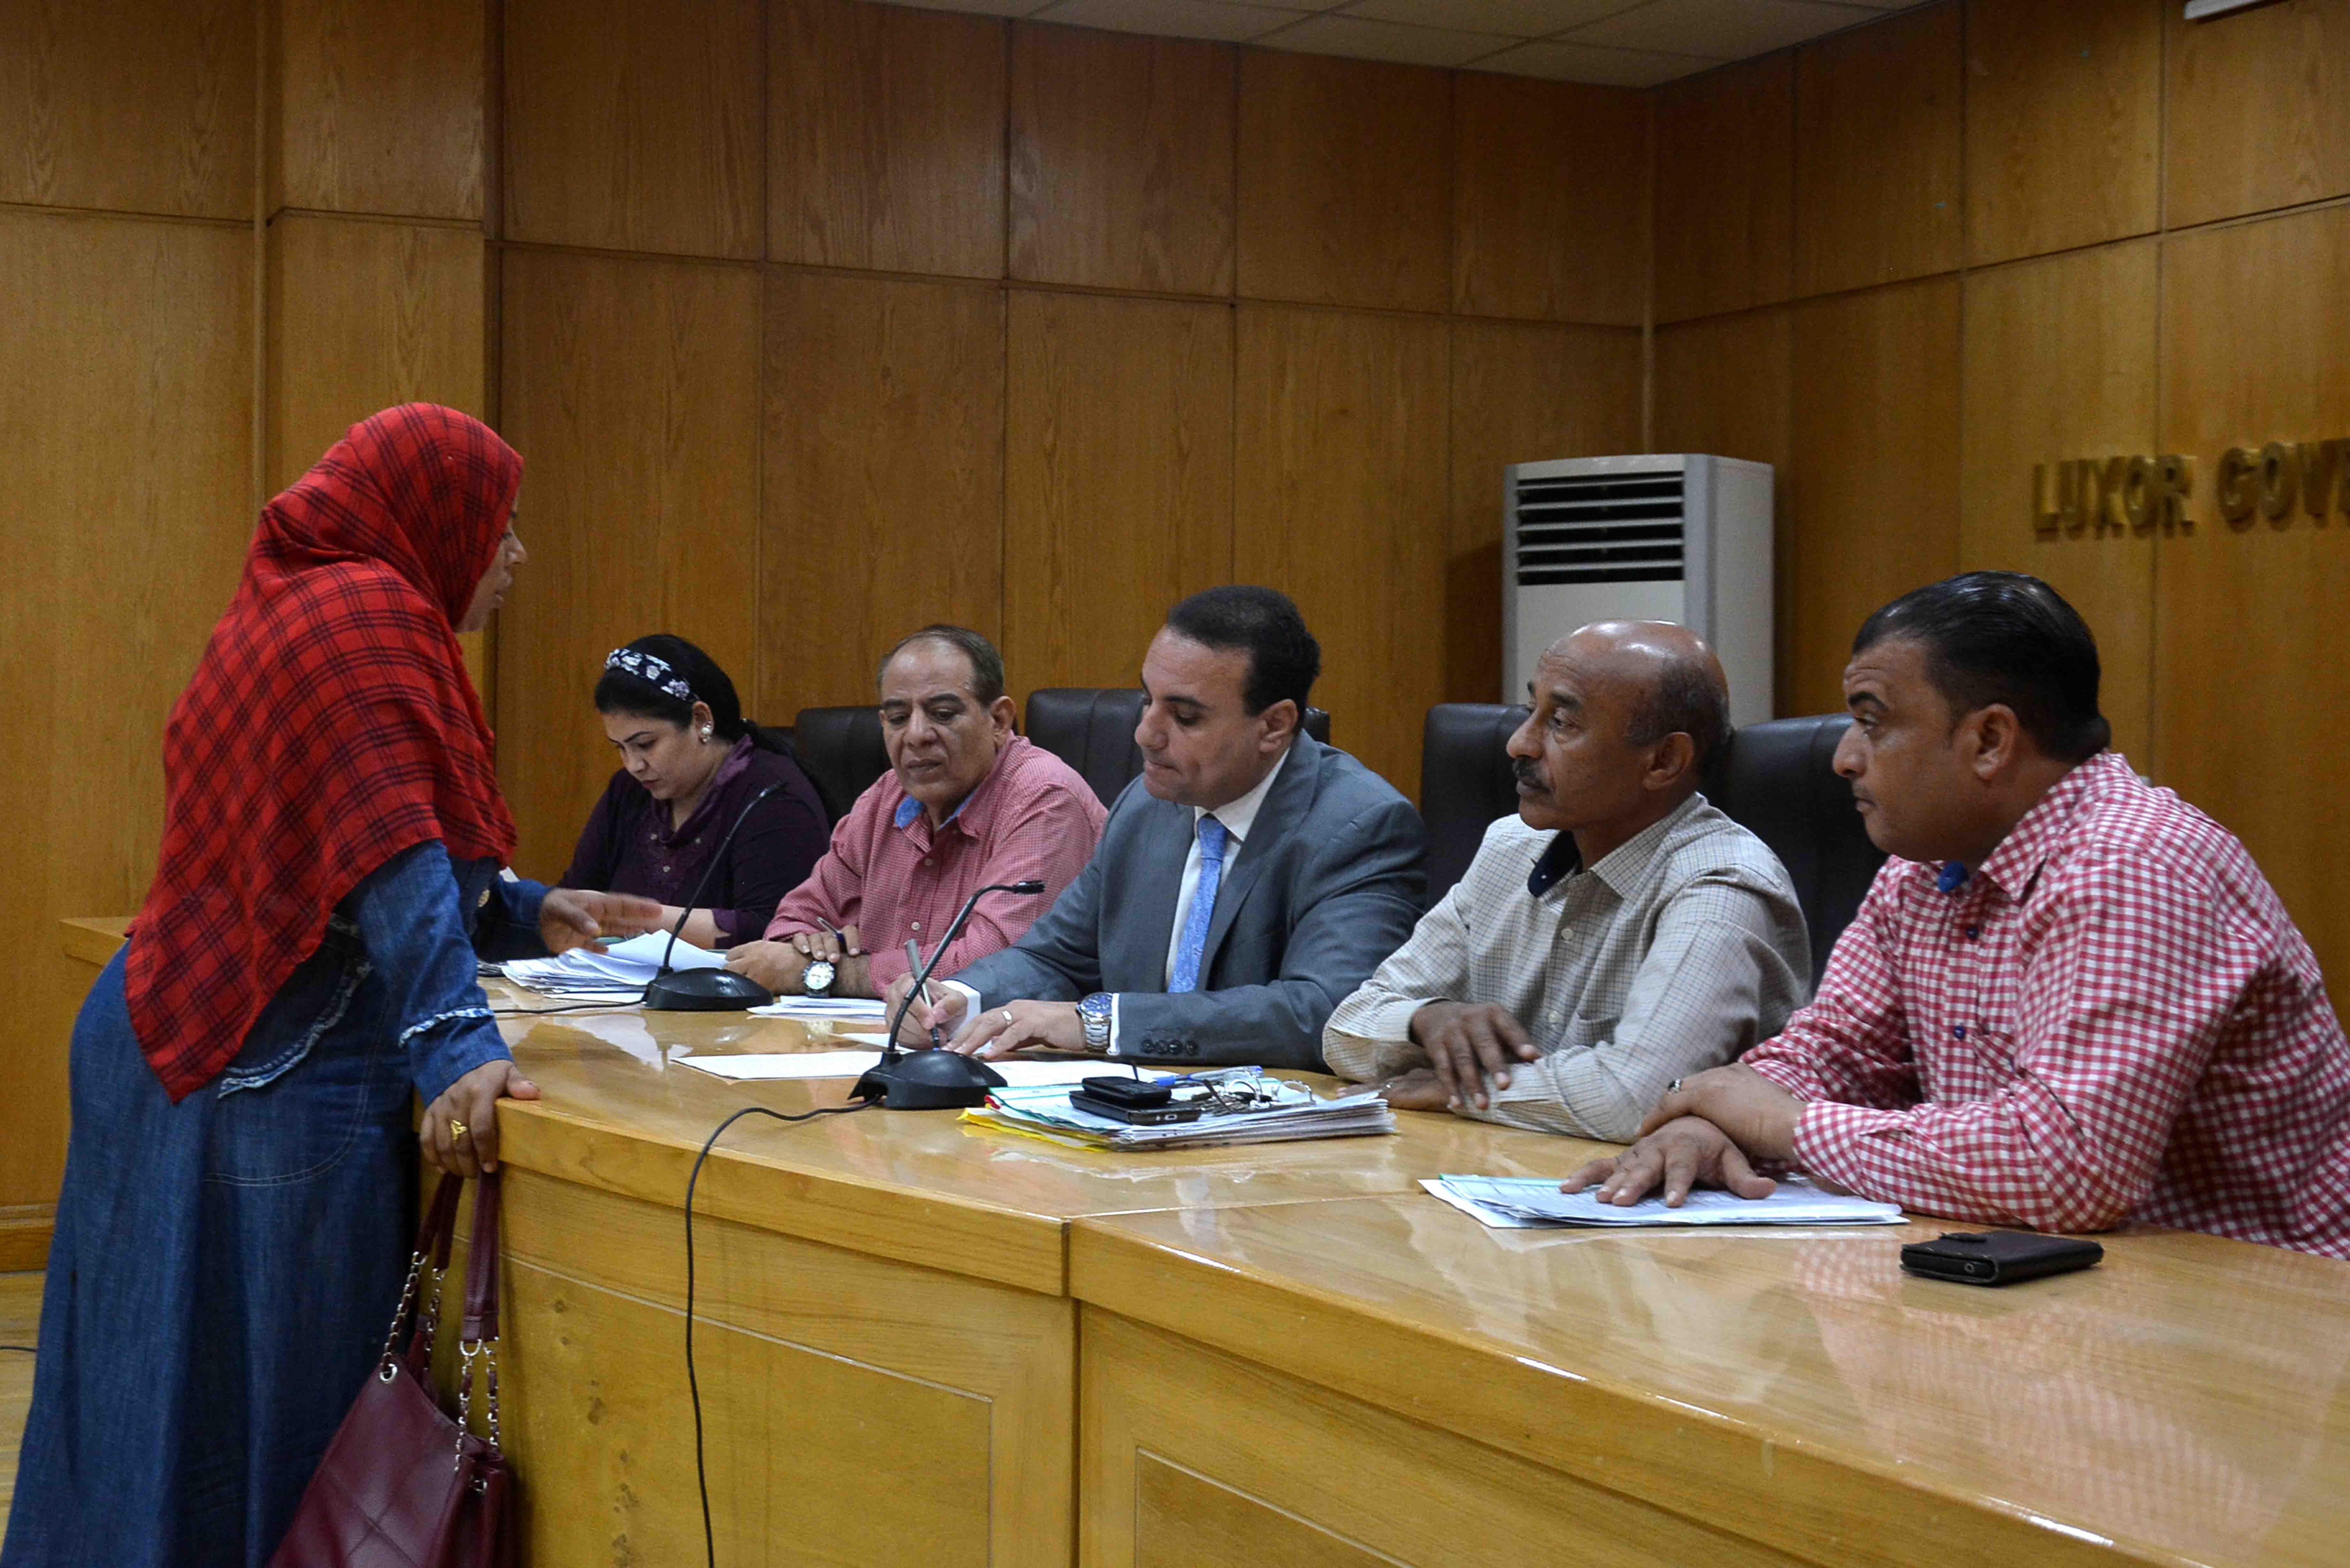 نائب محافظ الأقصر يستمع لشكاوي المواطنين في اليوم المفتوح ويبحث حلها (1)